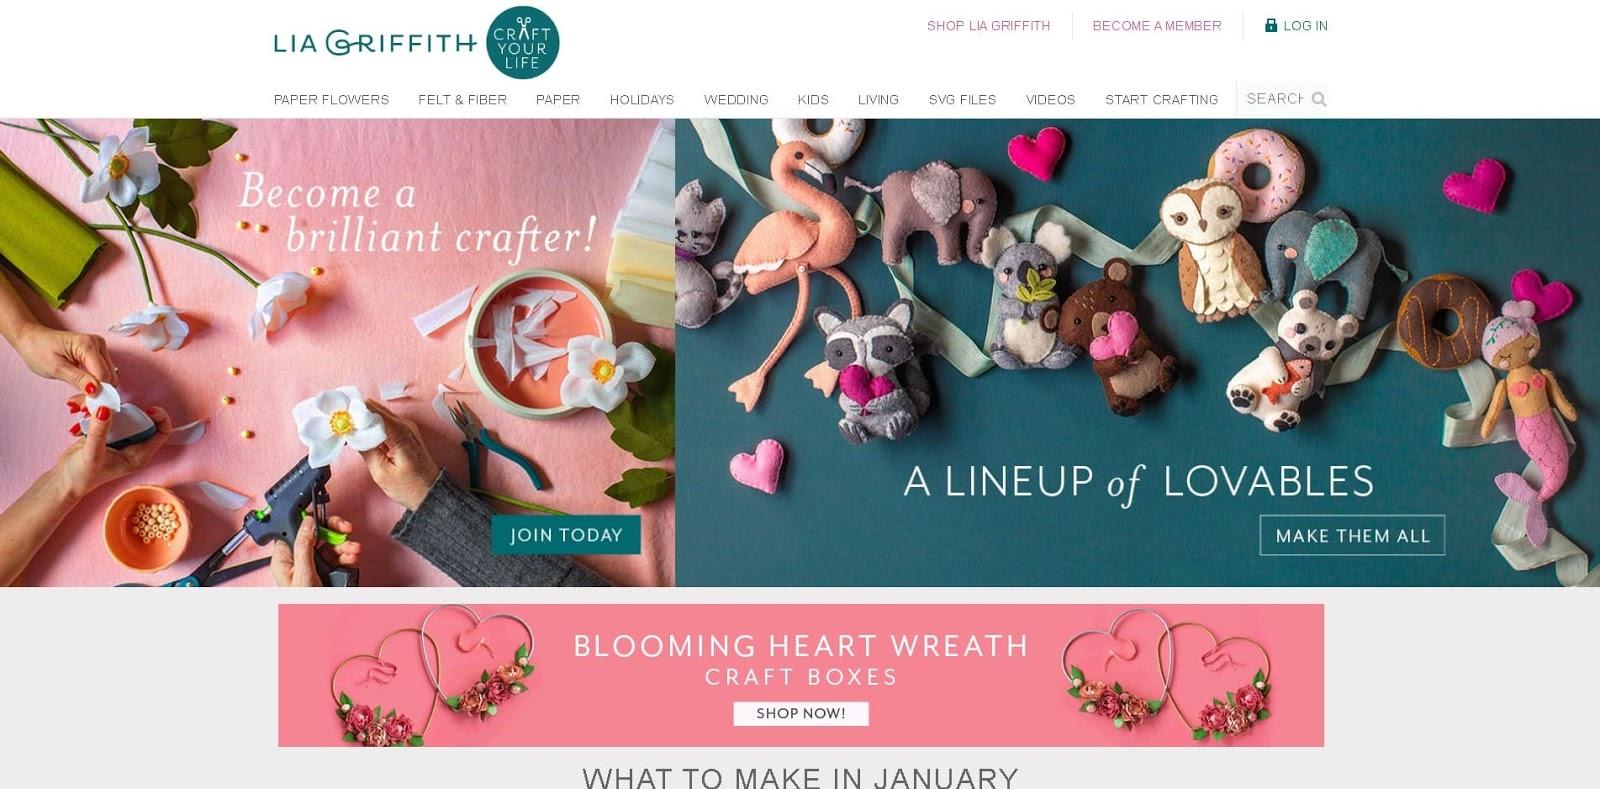 primer-nishi-dlya-bloga-lia-griffith-craft-your-life-niche-lifestylecrafting